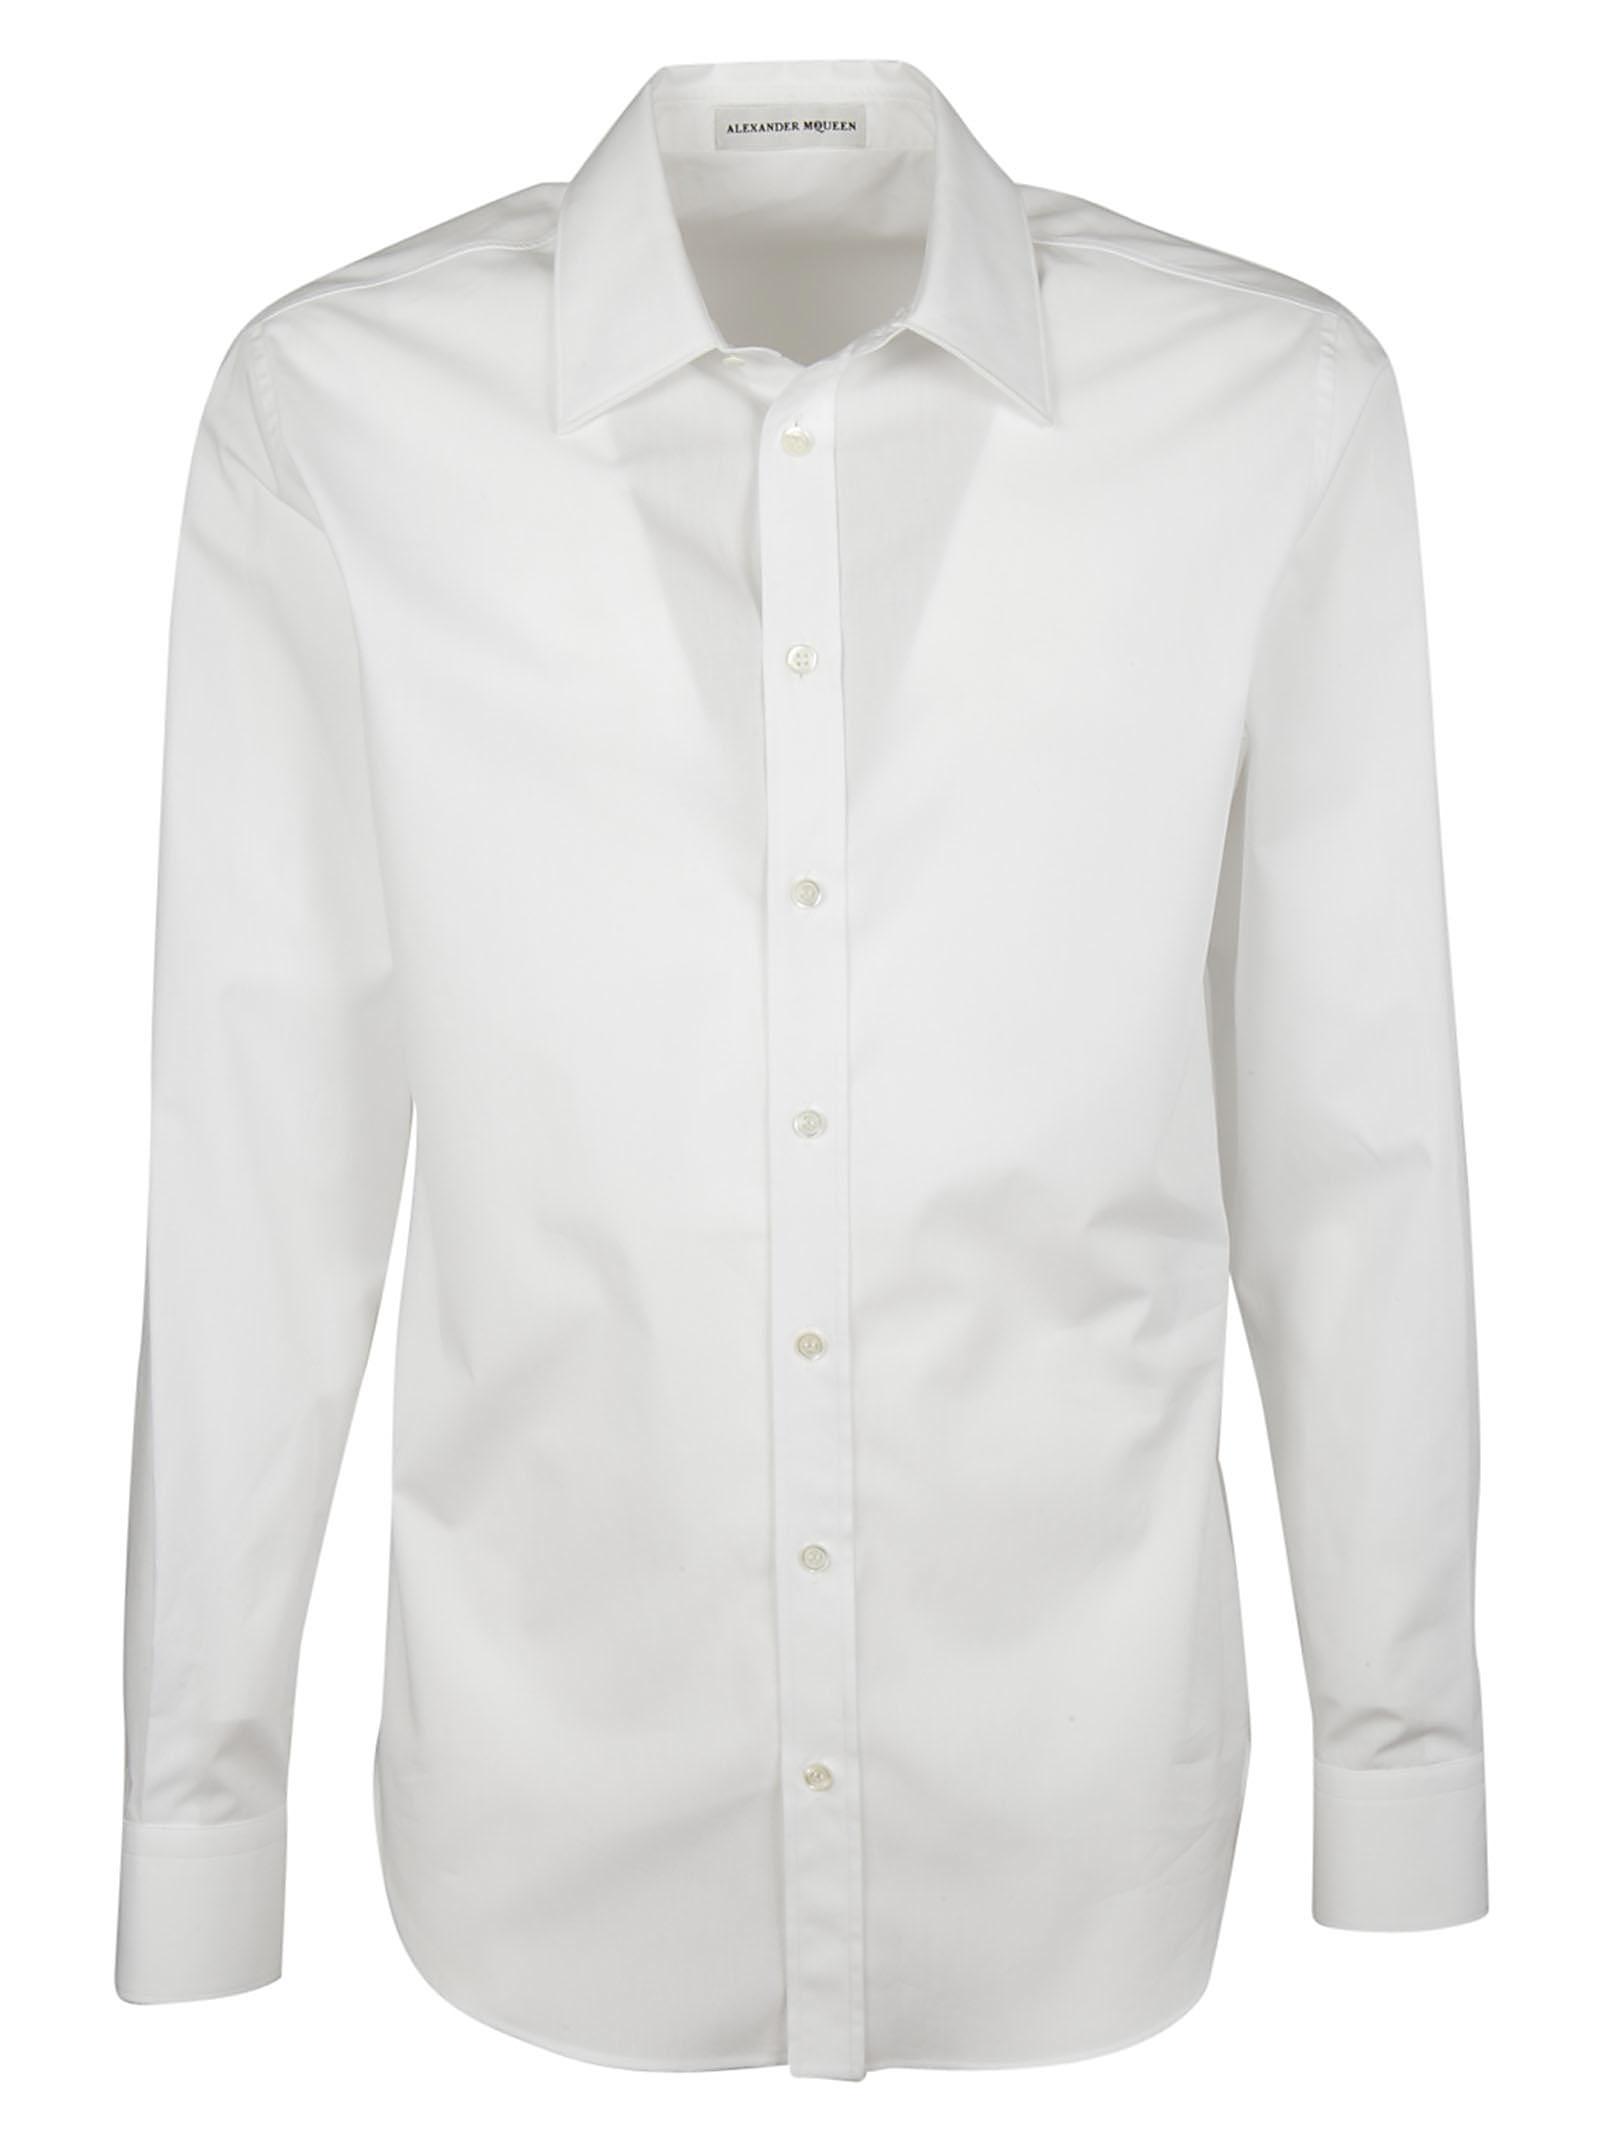 Alexander McQueen Alexander McQueen Pointed Collar Shirt